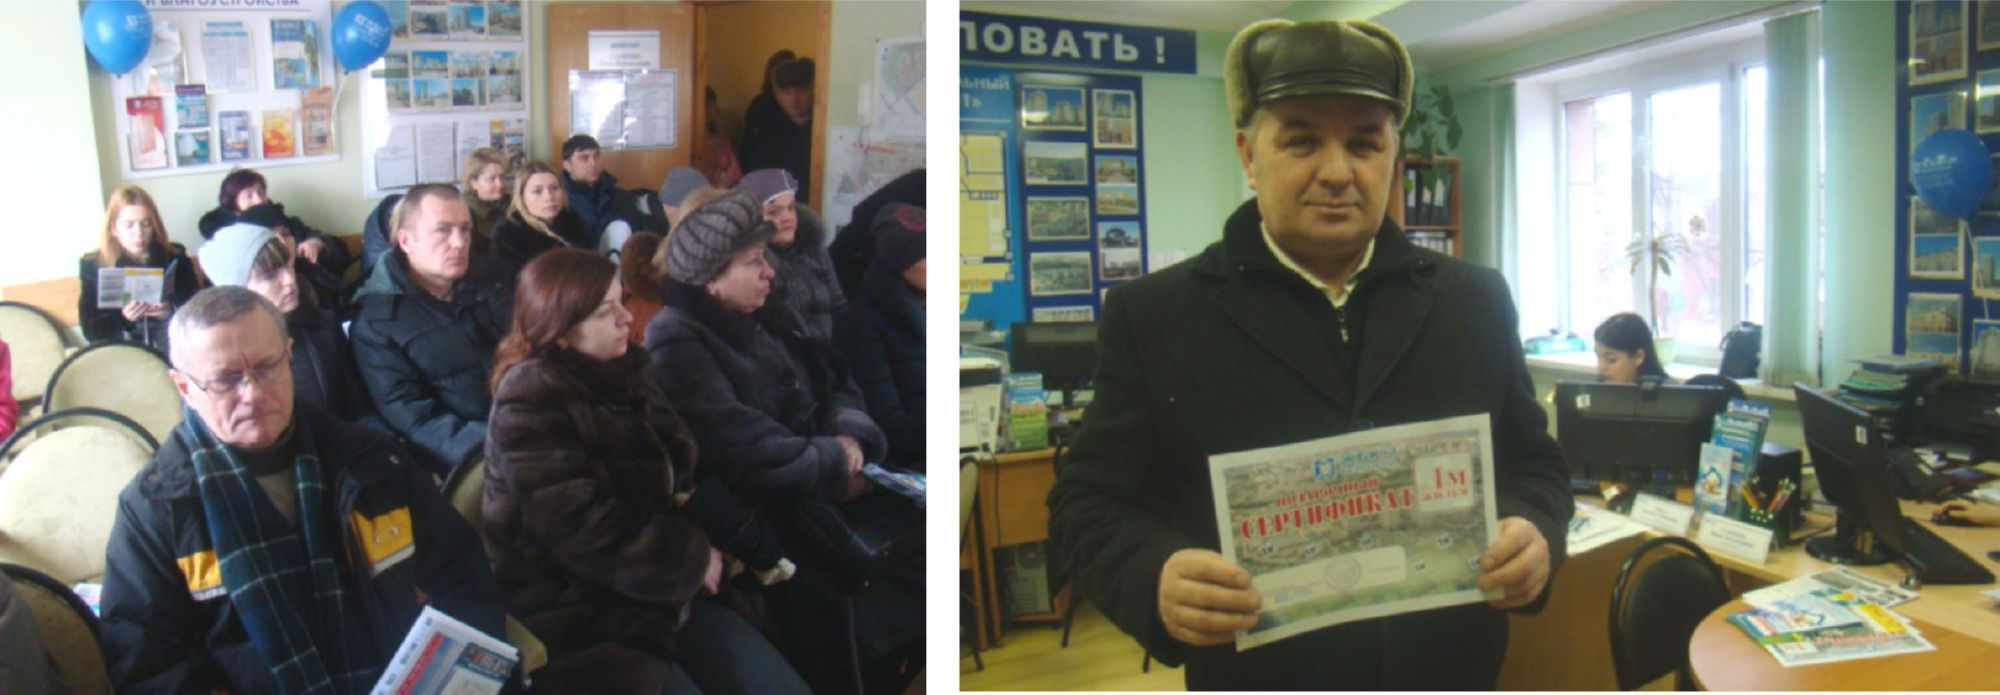 Новости и происшествия гай оренбургской области